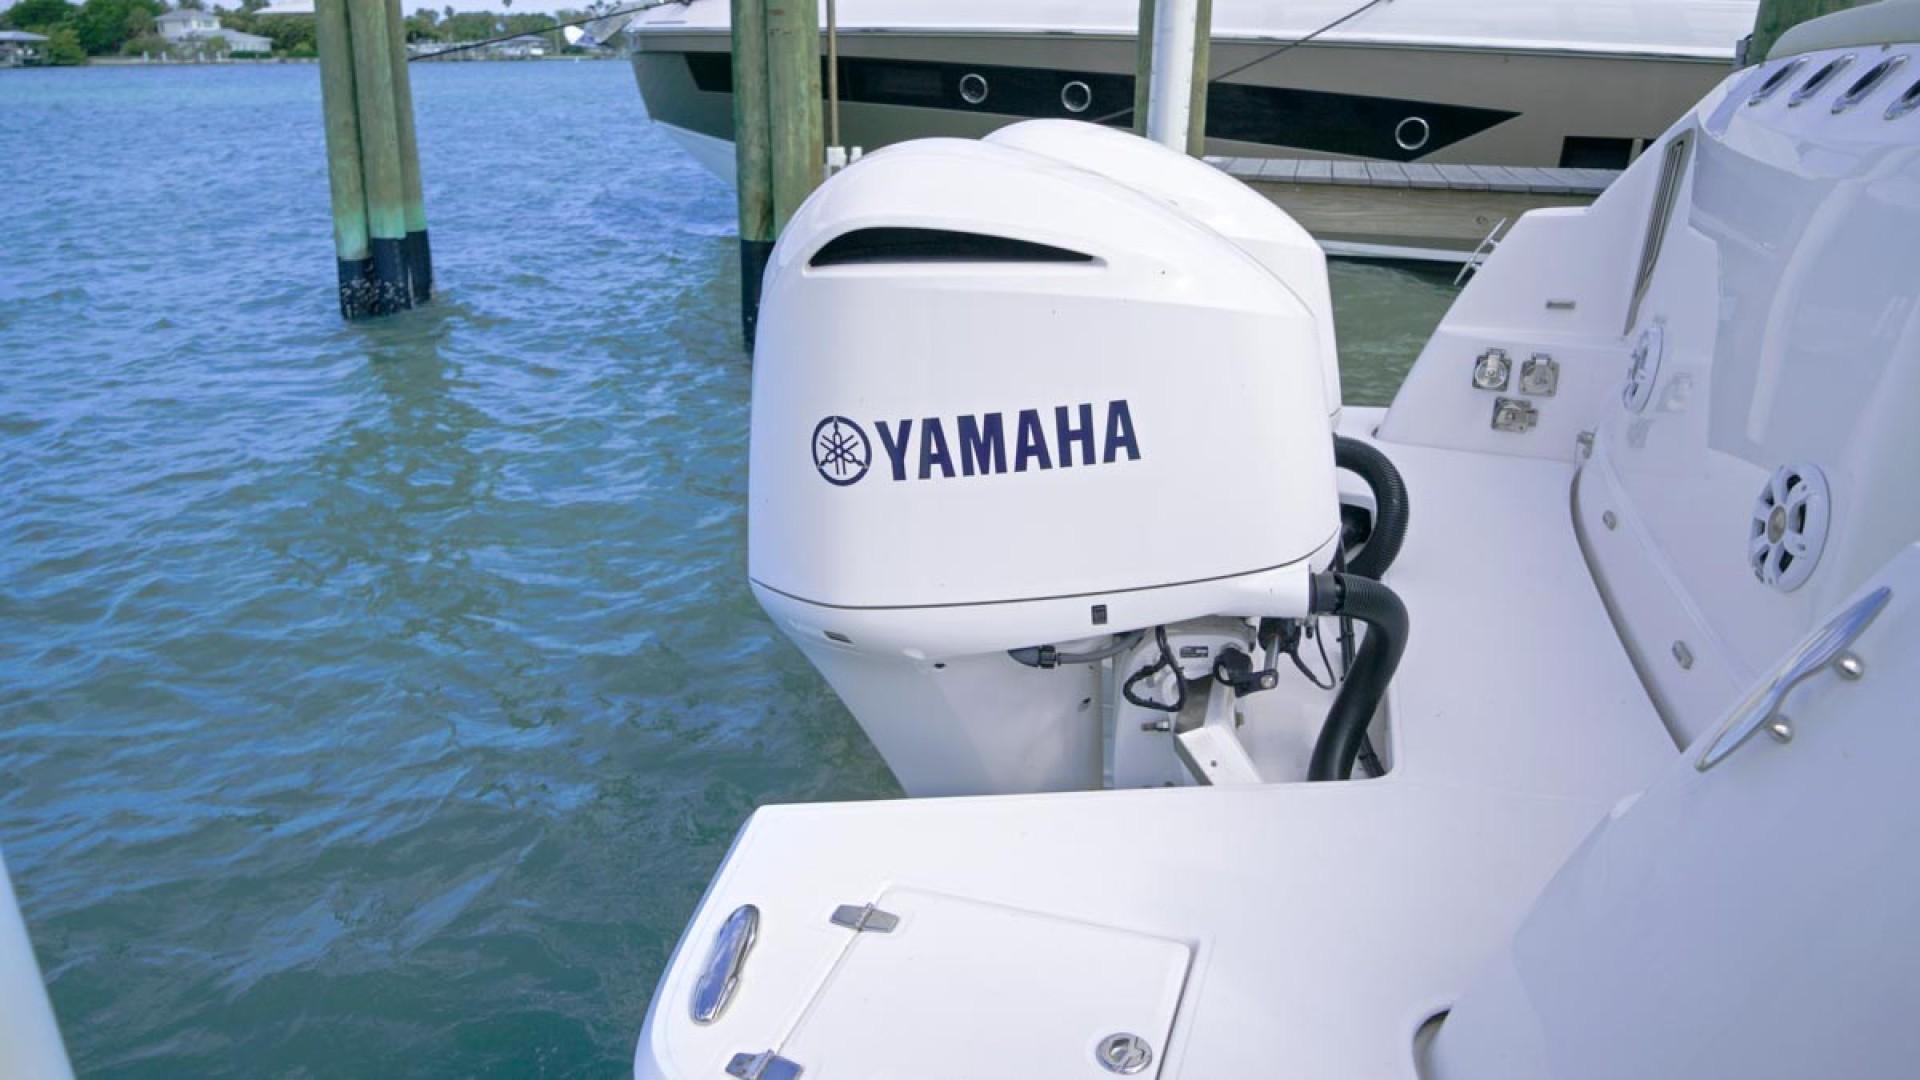 Yamaha 300 hp